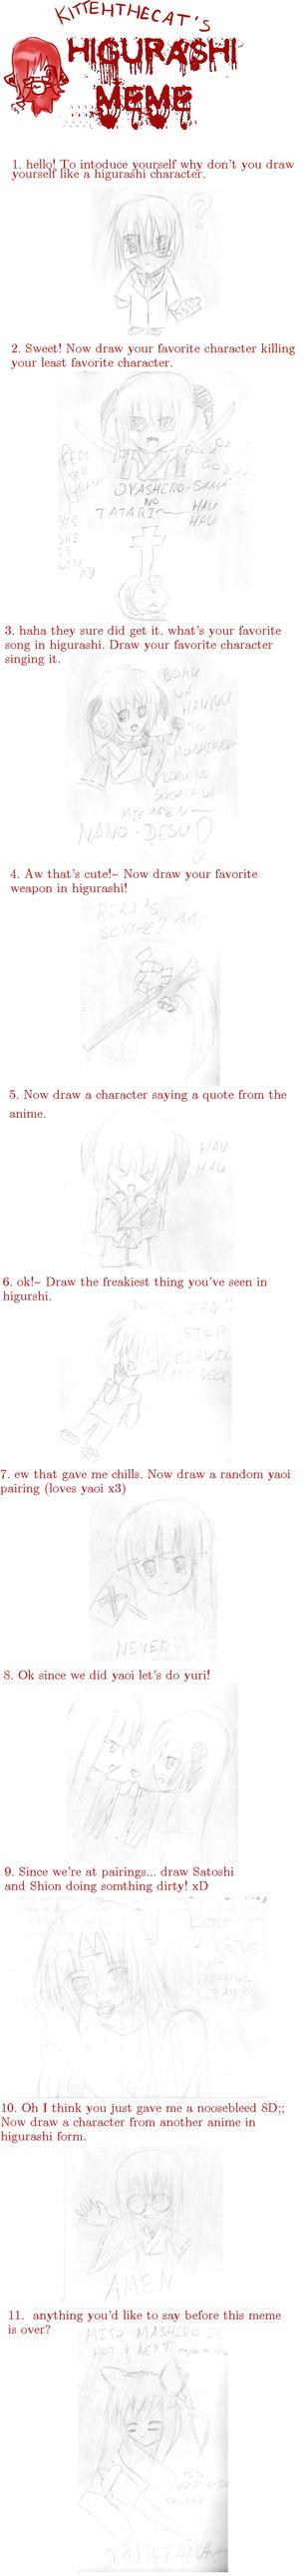 Higurashi Meme by raikeisho